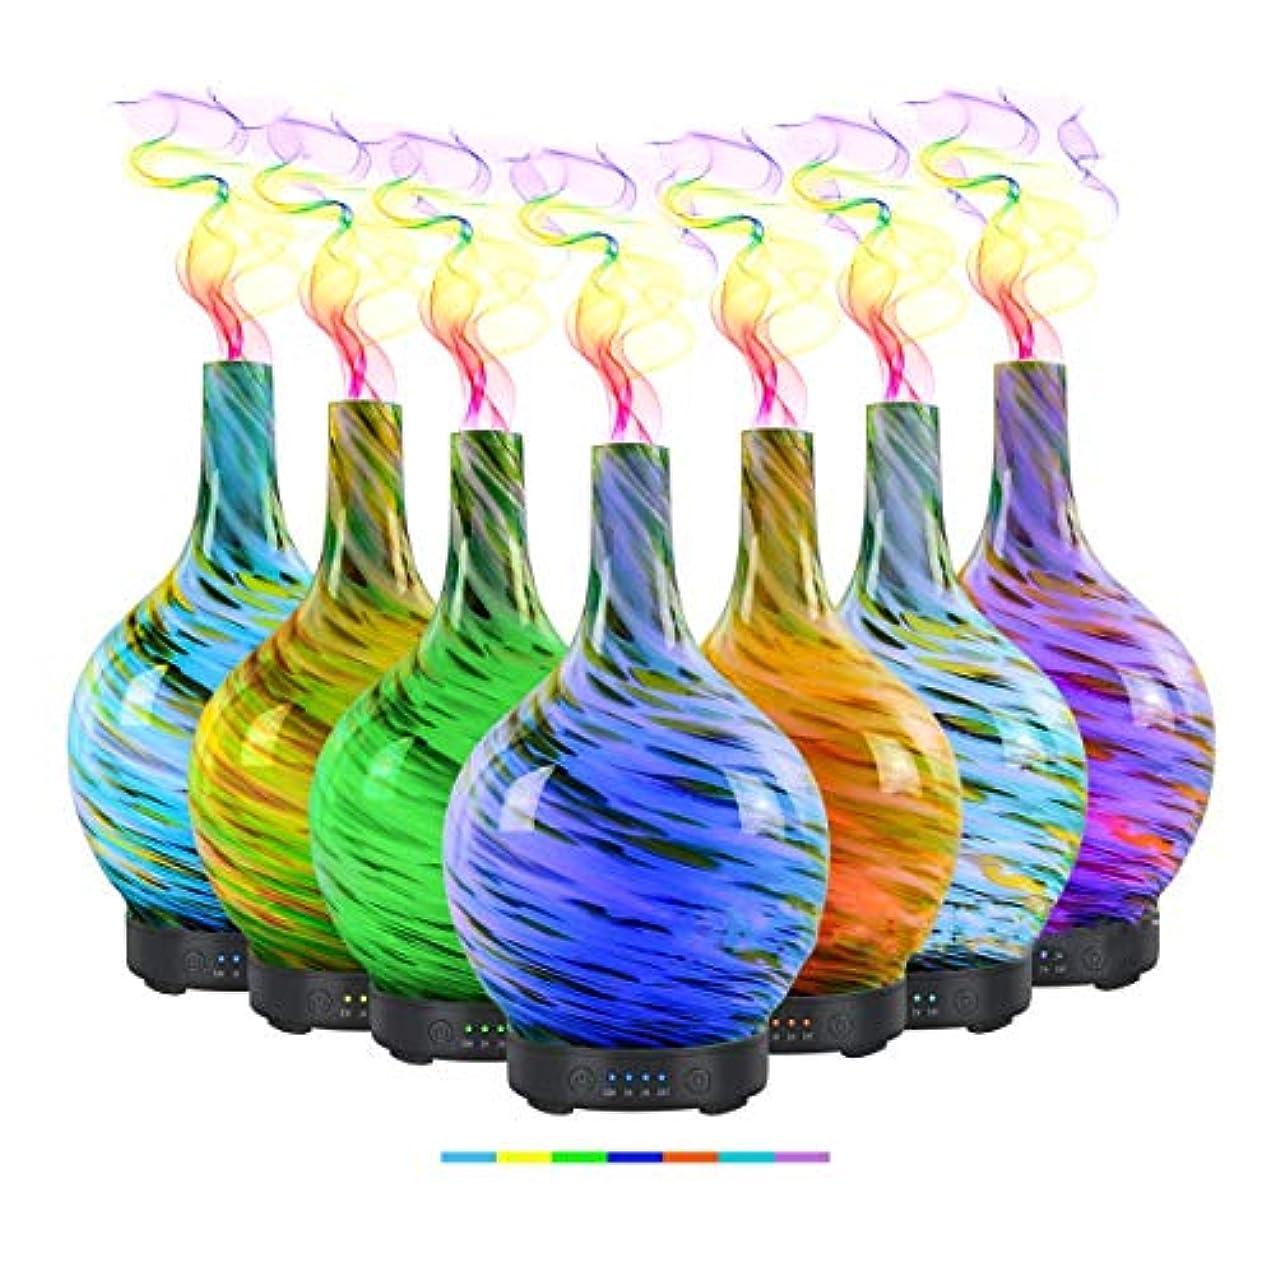 扇動するお客様つかの間ディフューザーエッセンシャルオイル (100ml)-3 d アートガラス葉海アロマ加湿器7色の変更 LED ライト & 4 タイマー設定、水なしの自動シャットオフ